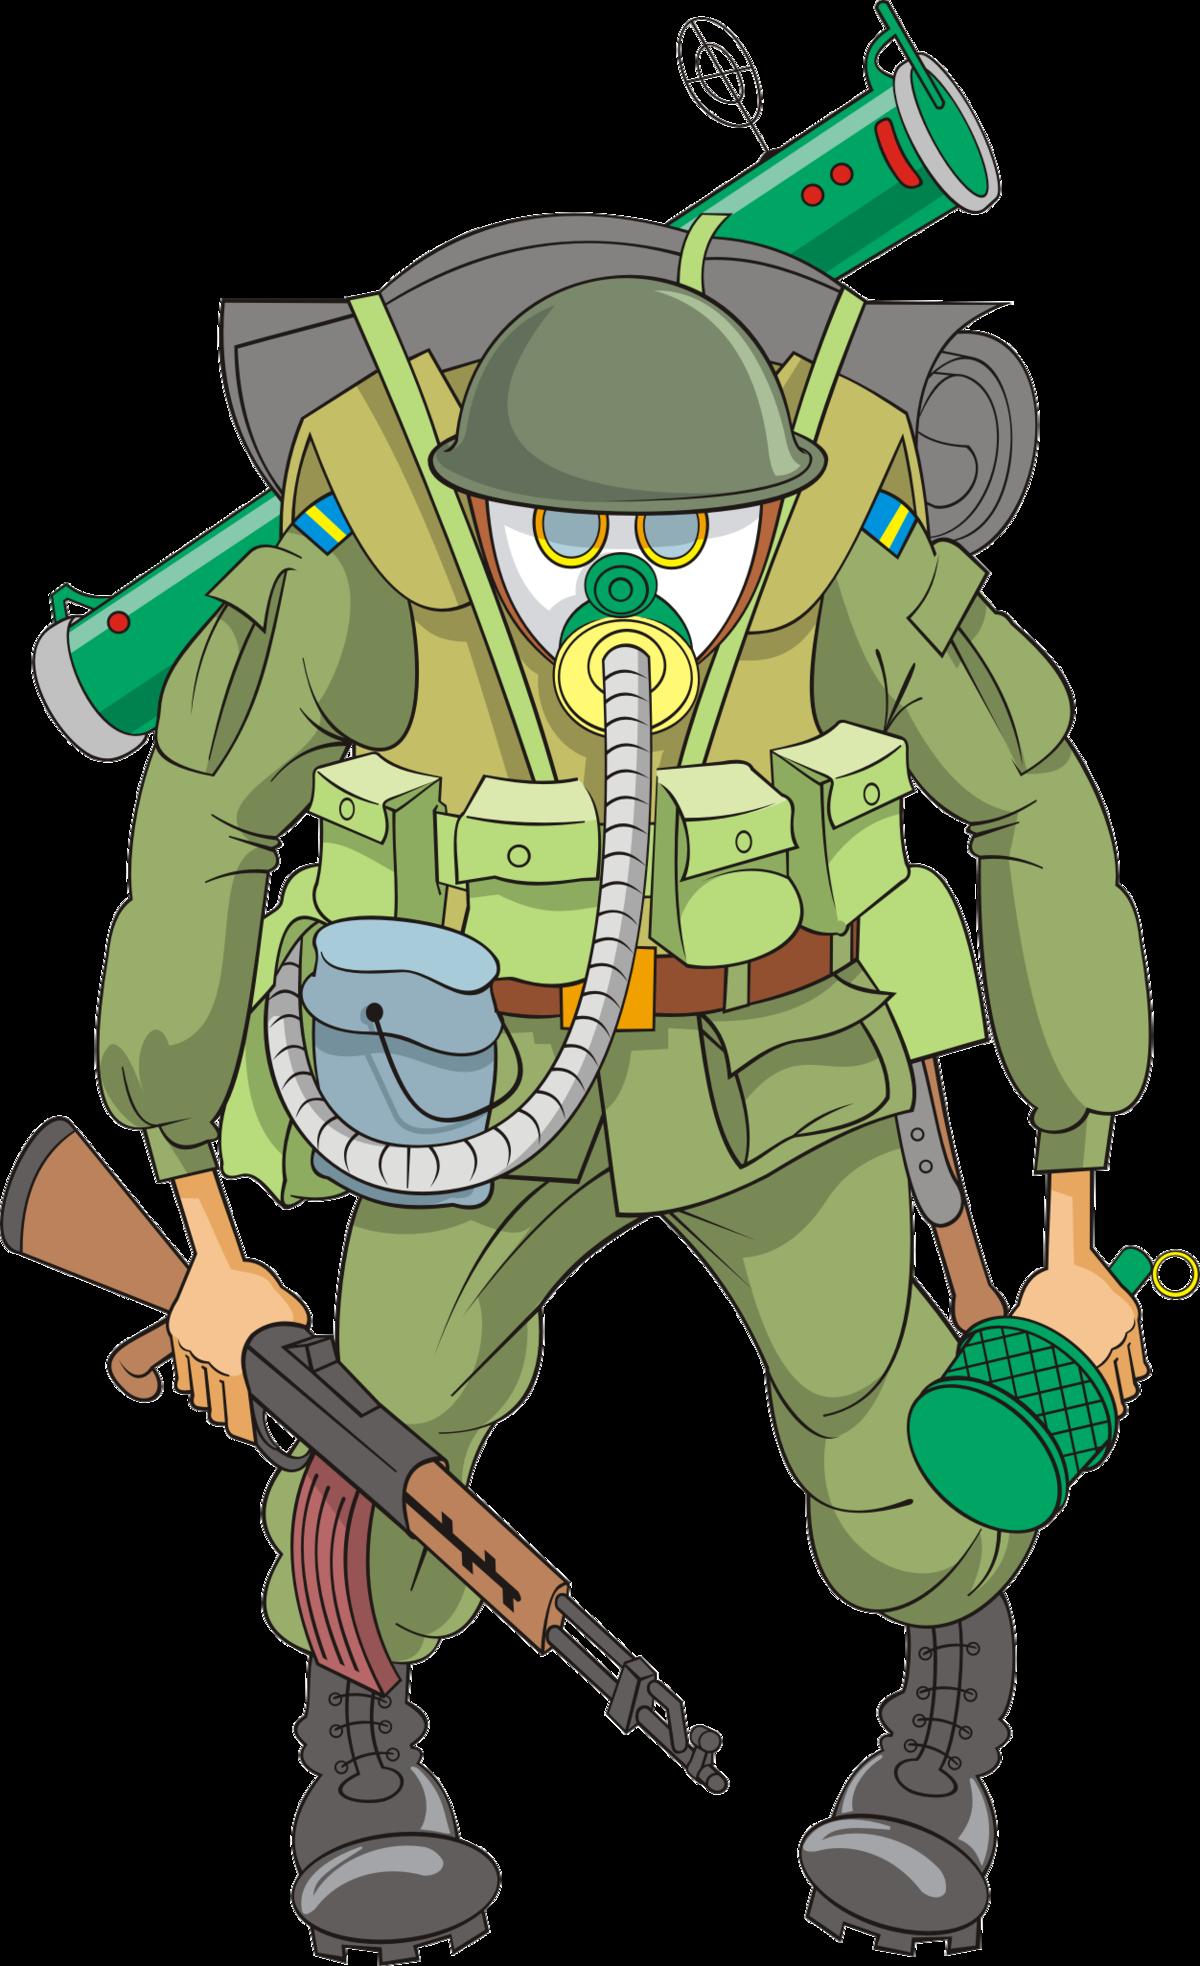 Картинка военных прикольные